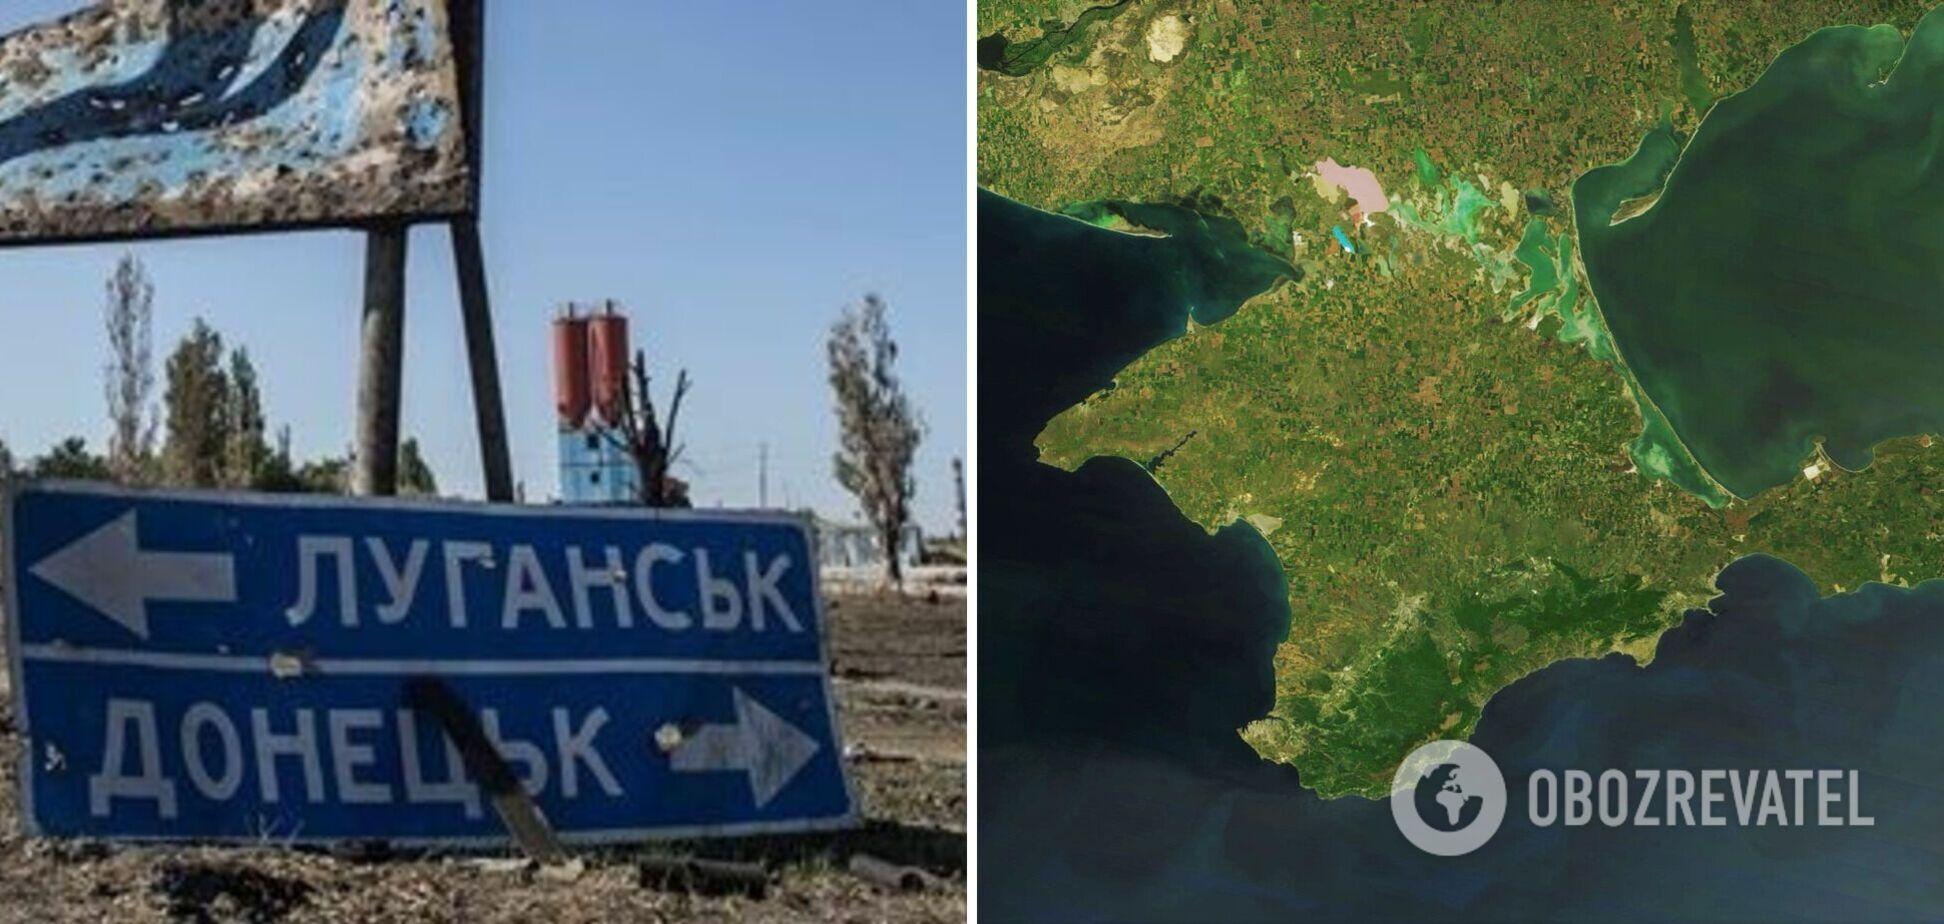 Переселення народів РФ в Крим і на Донбас: а що після деокупацію?